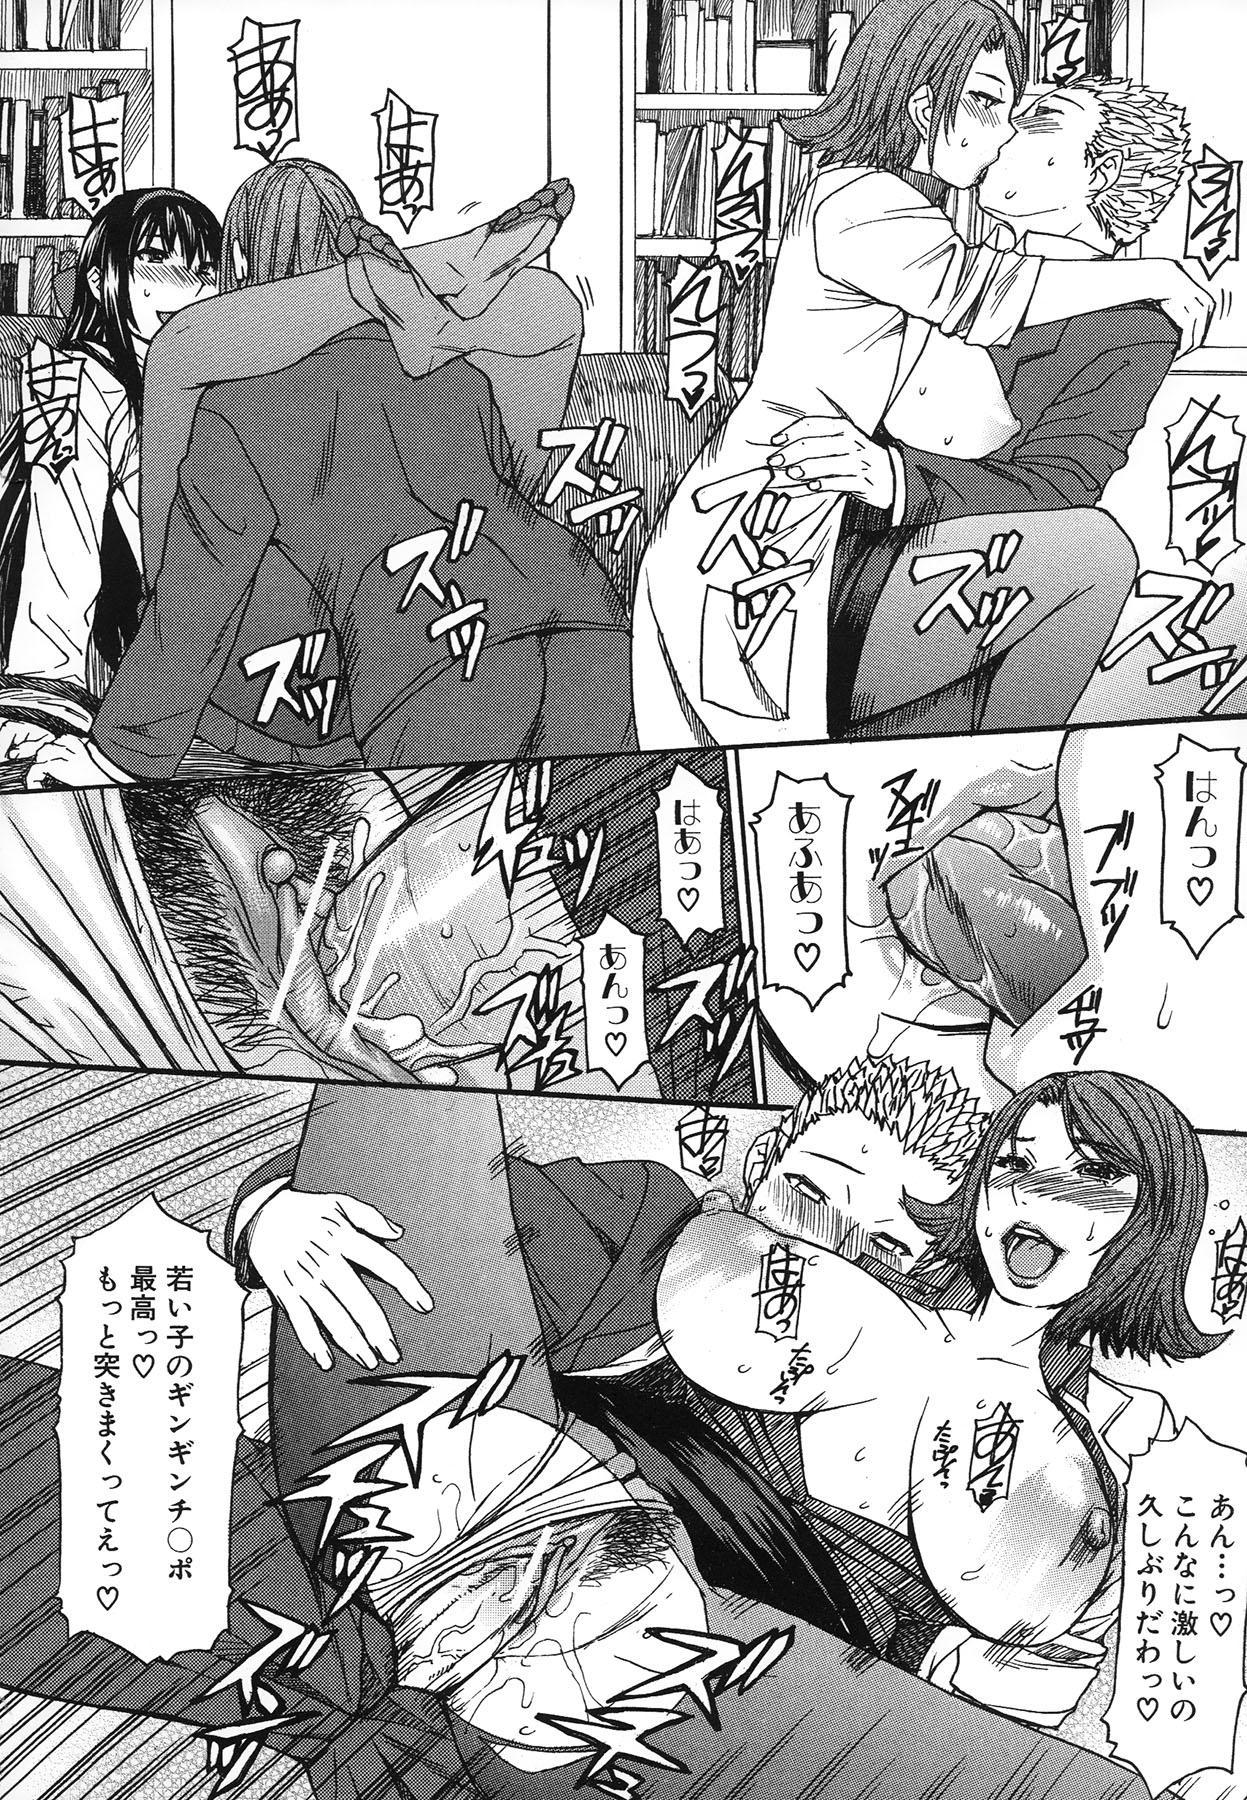 Ashigami 147